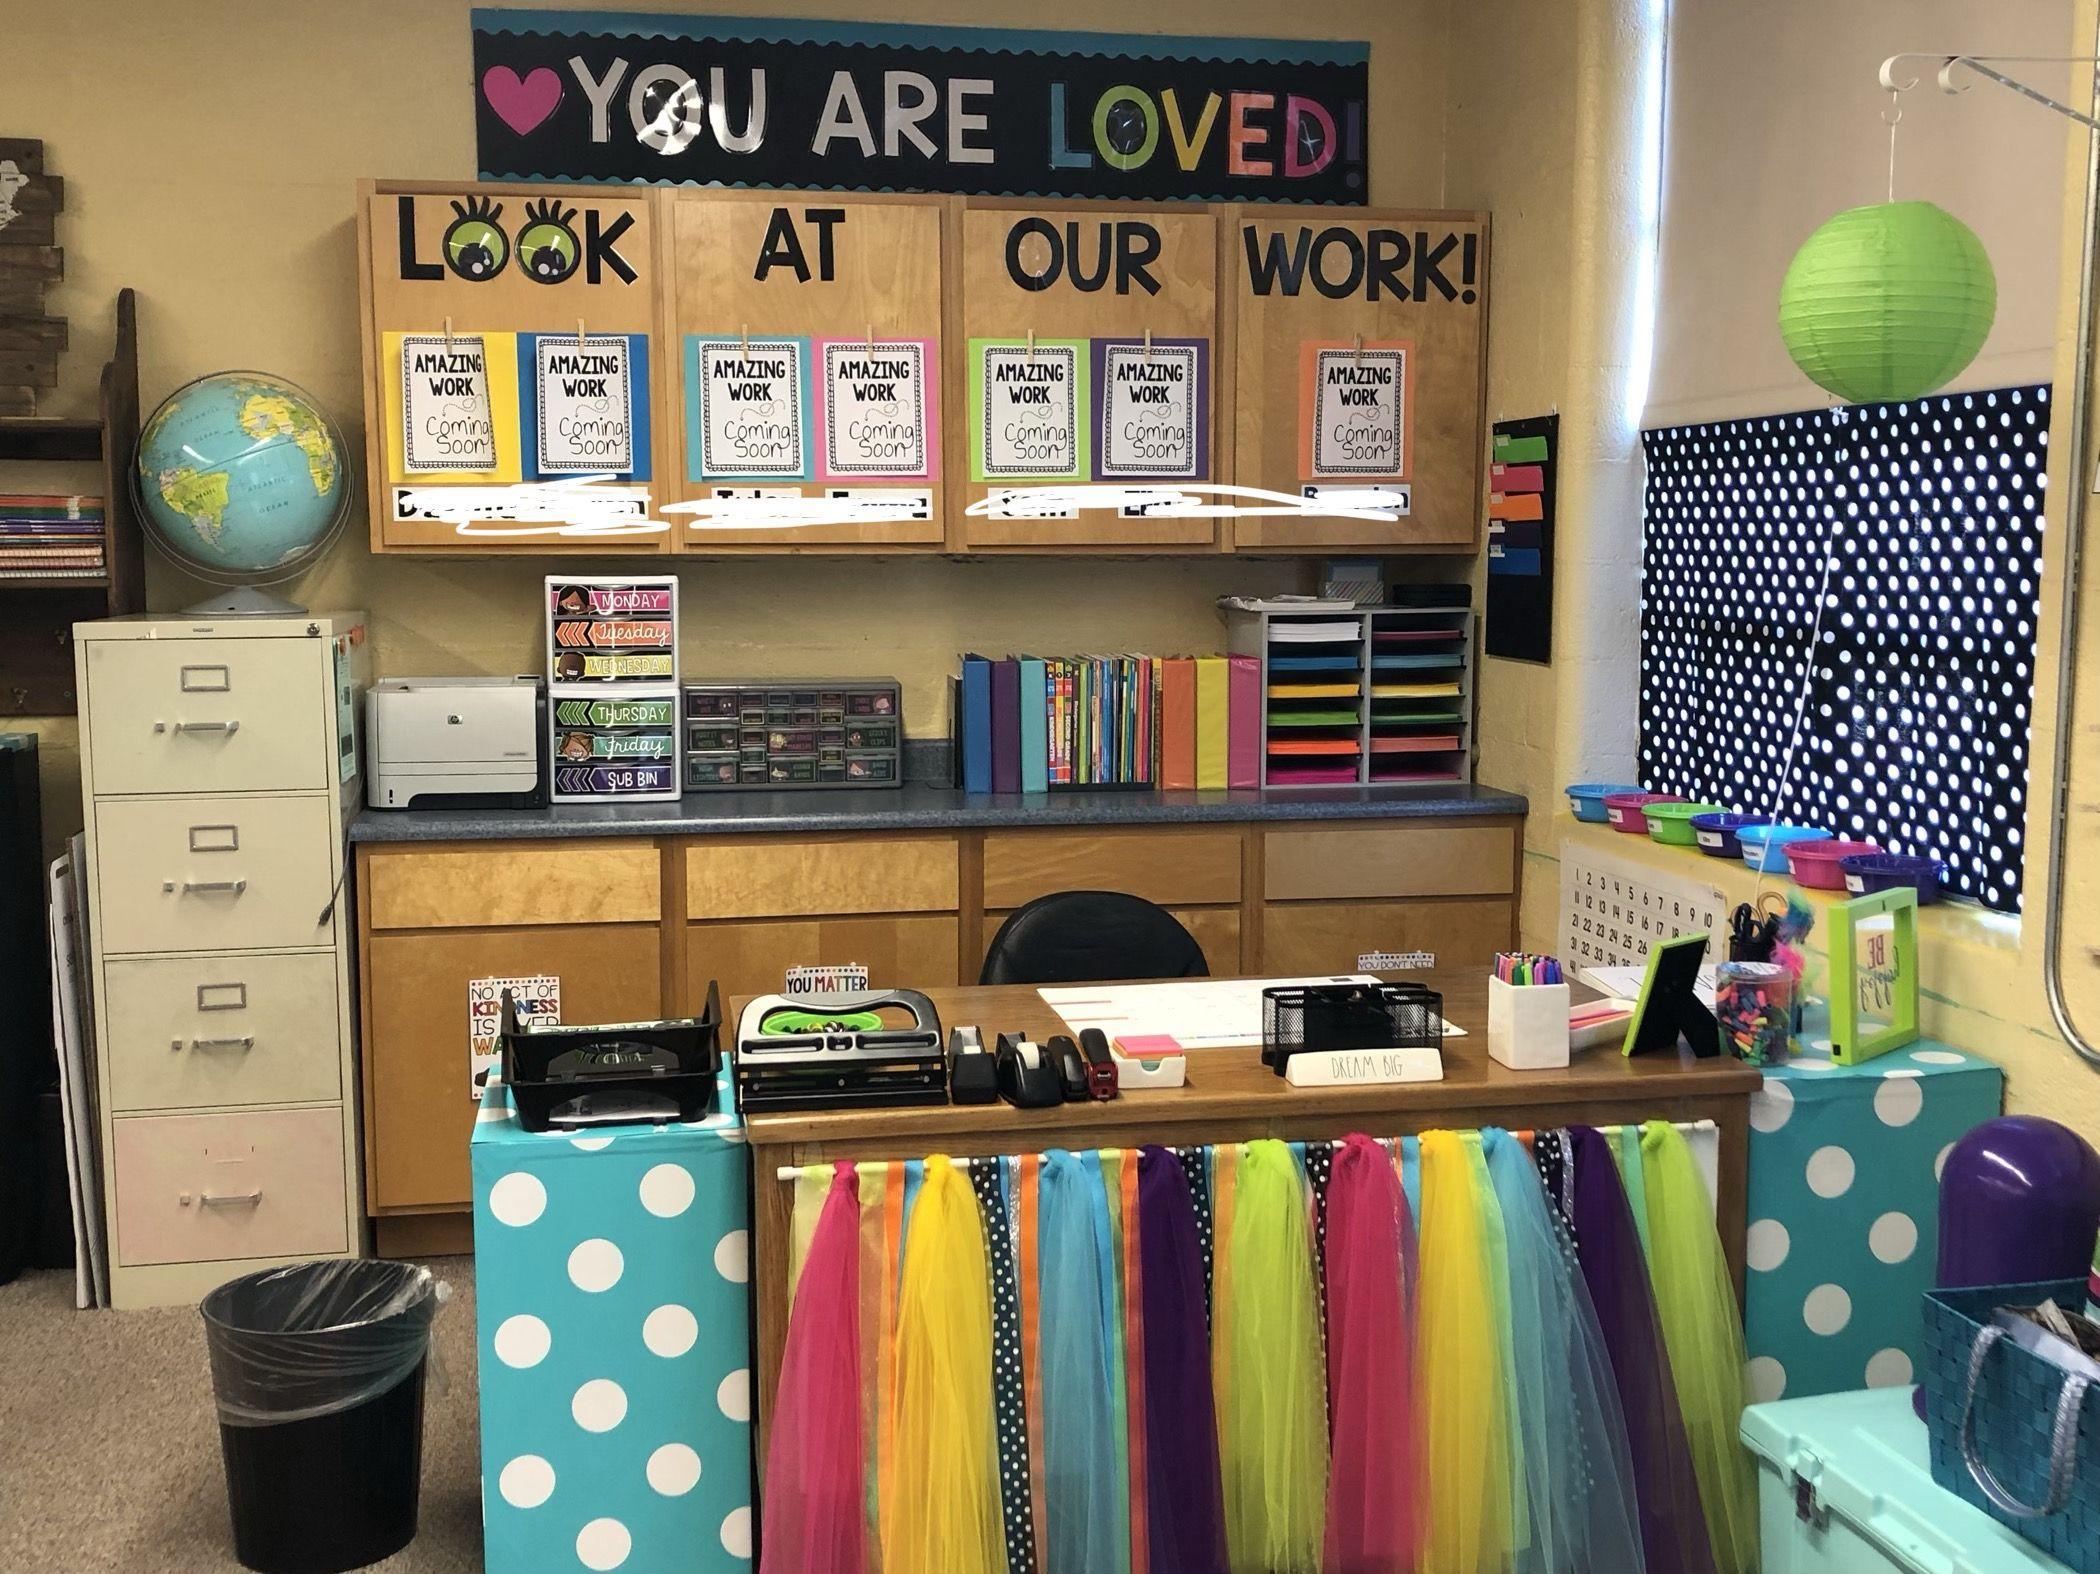 Specialeducation Decorative Teacher Desk Area Teacher Desk Areas Teacher Desk Decorations Teacher Desk